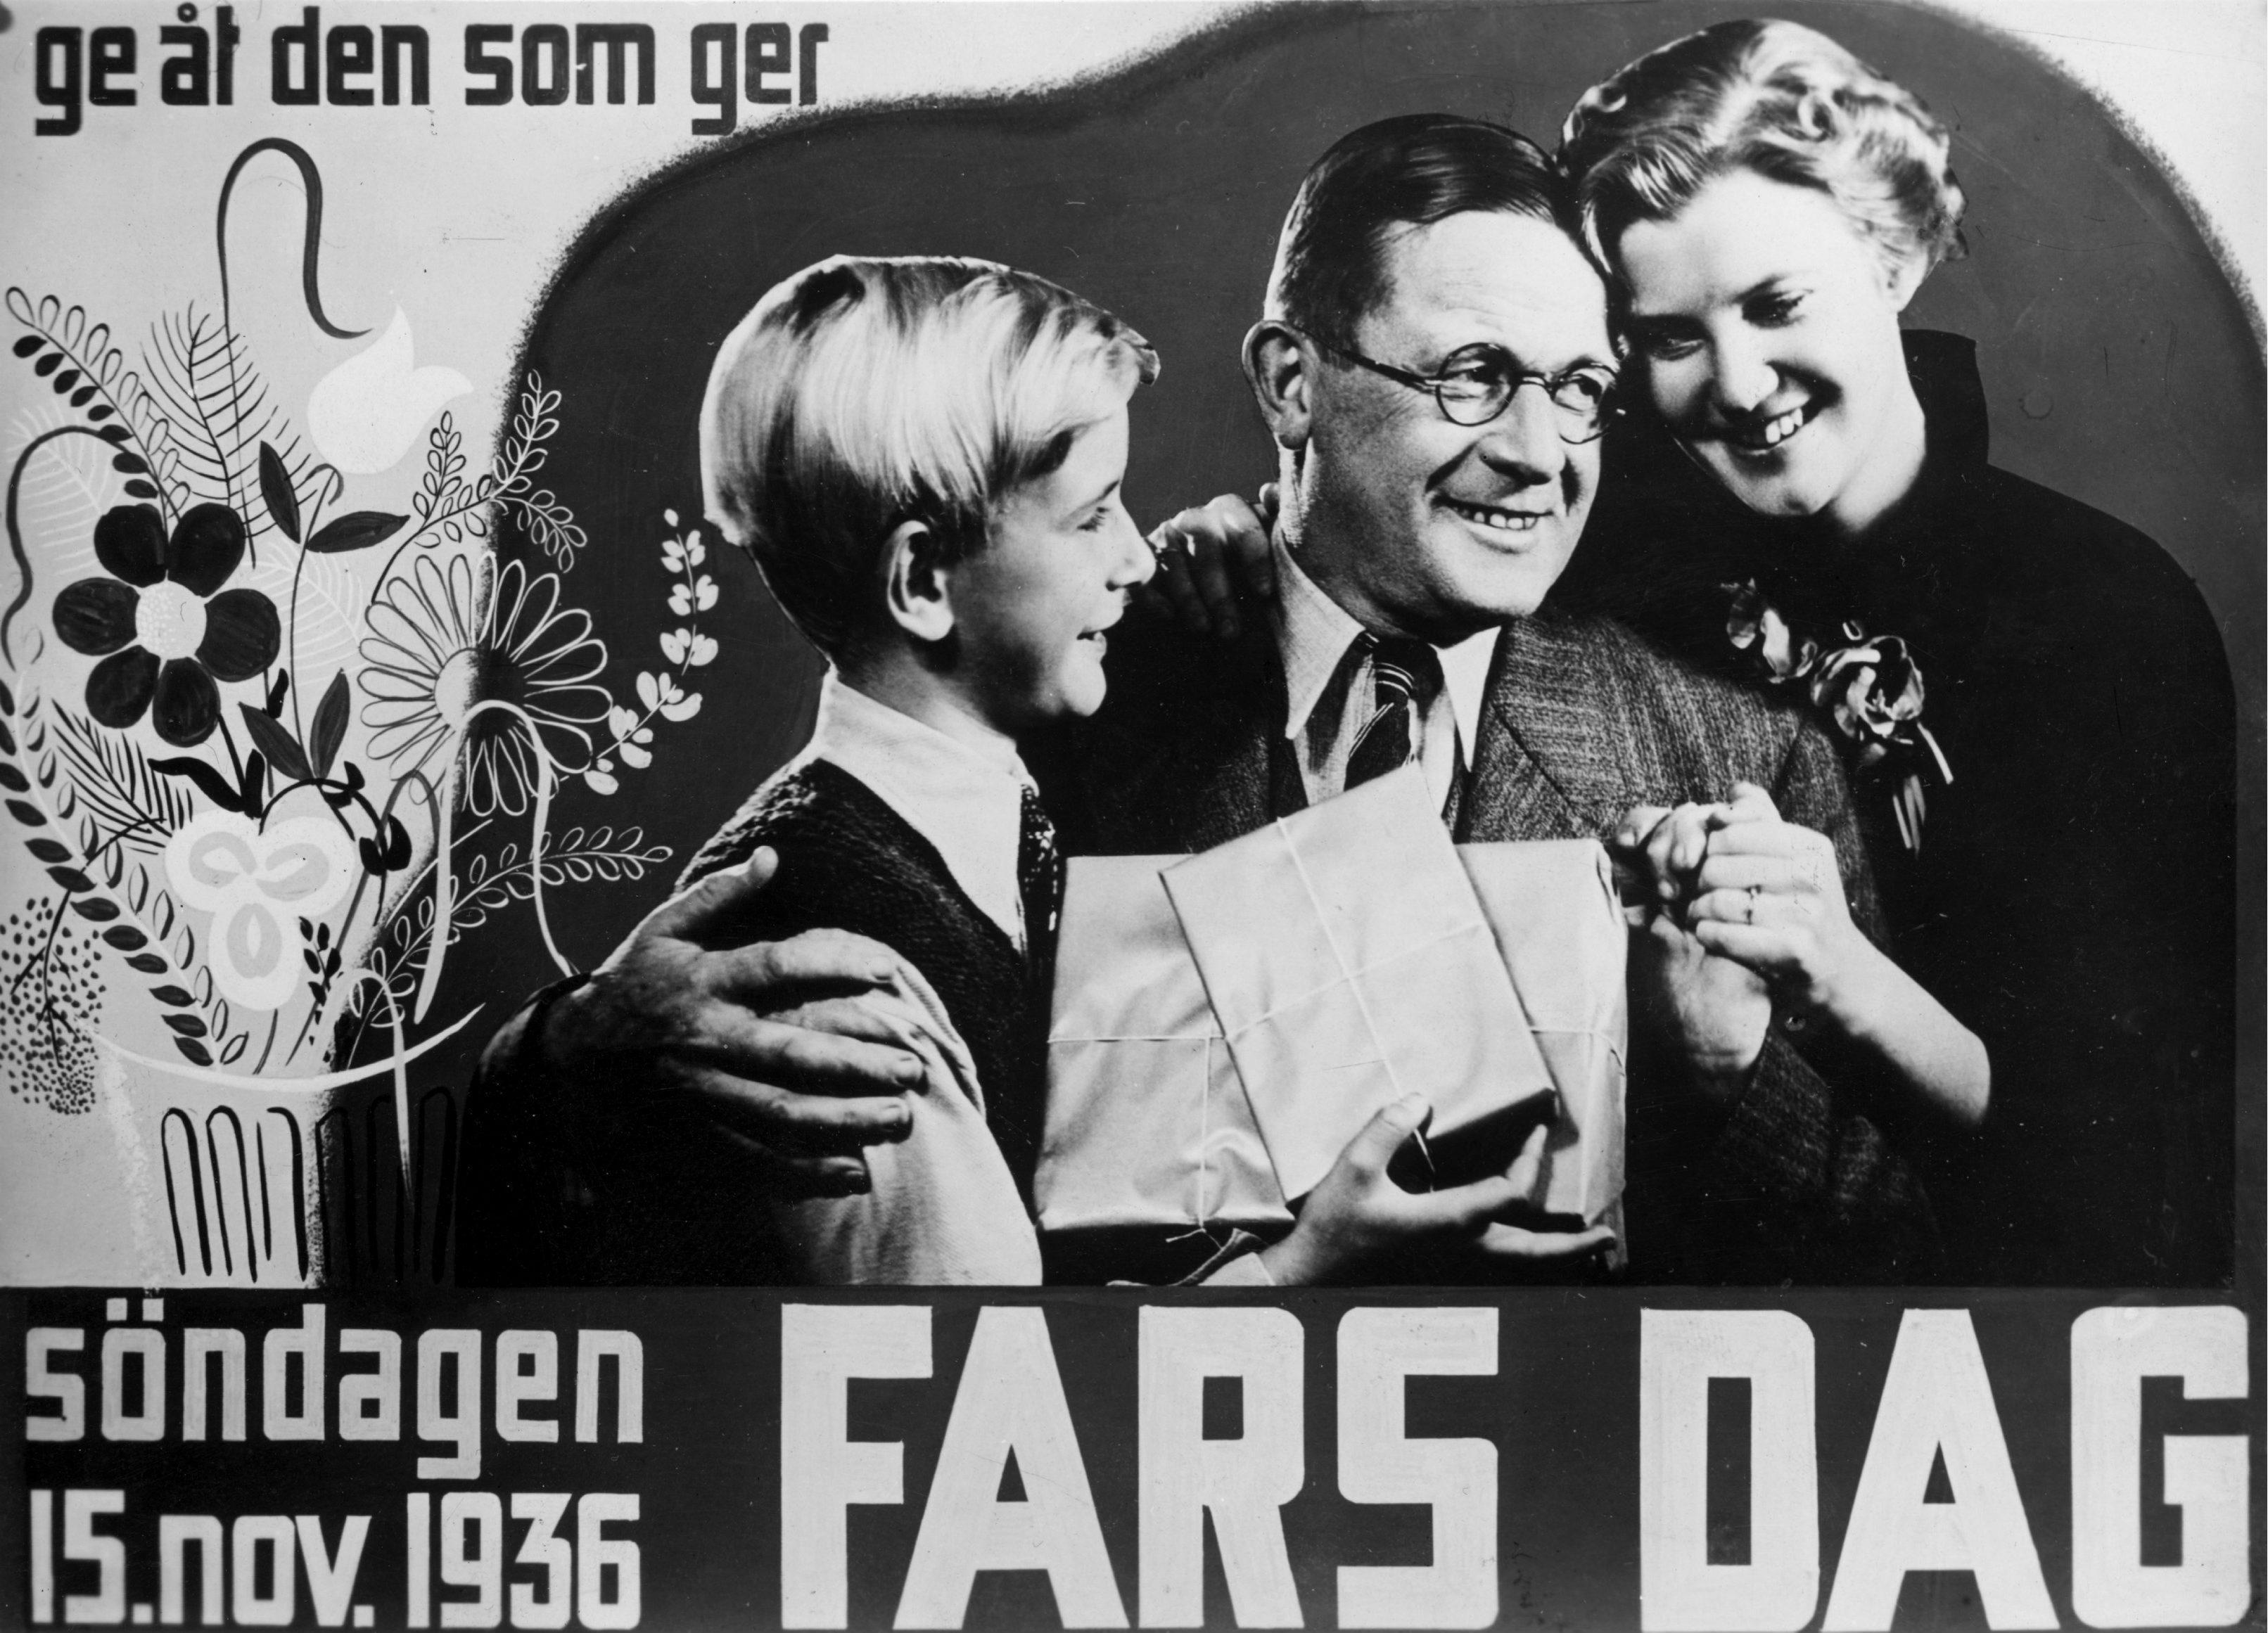 En avfotograferad affisch från 1936 som gör reklam för fars dag. Bild: TT